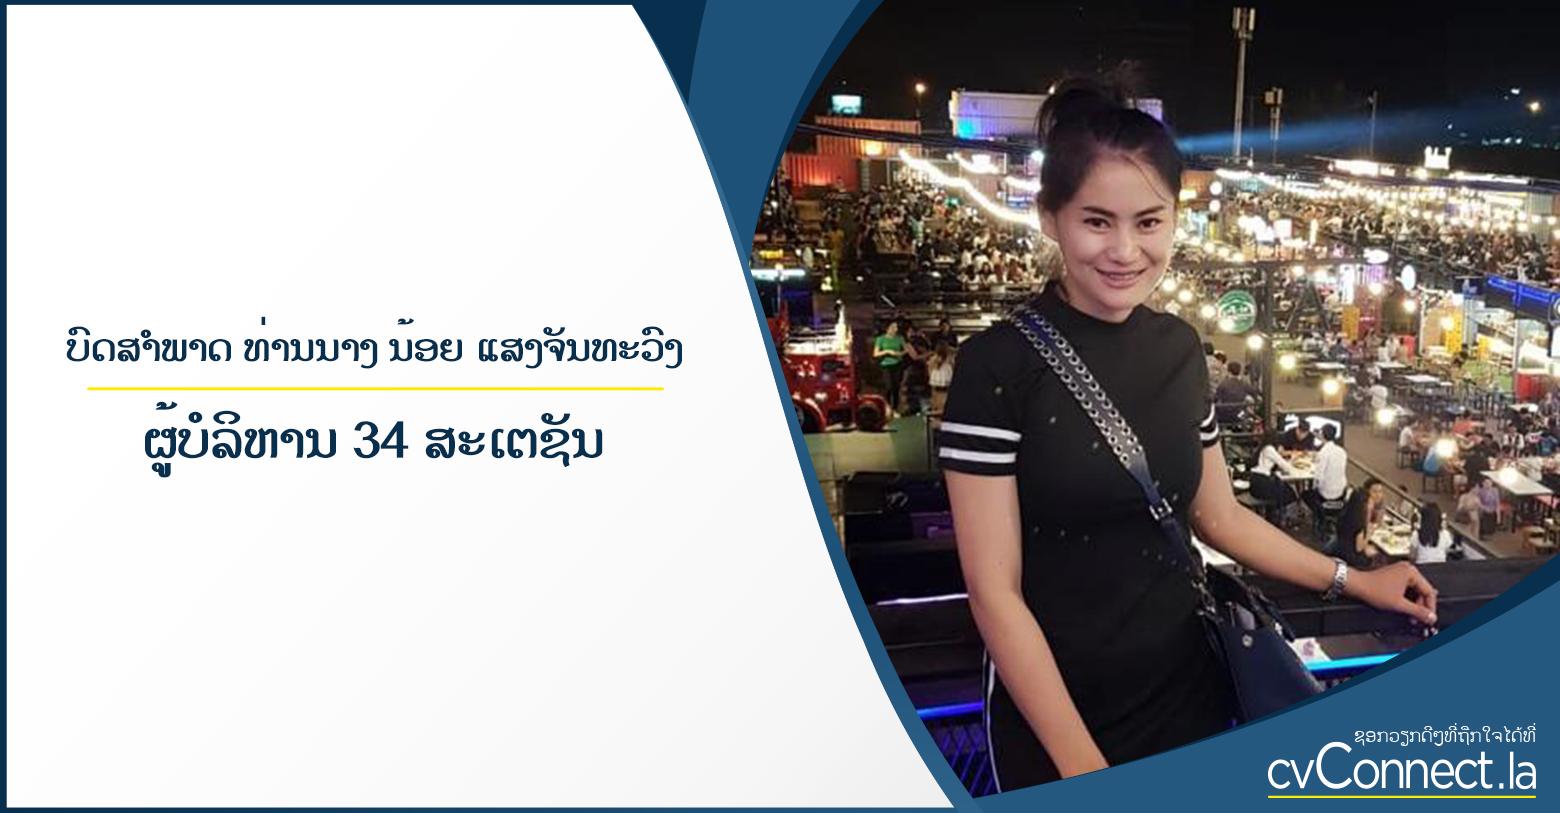 ບົດສຳພາດ ທ່ານນາງ ນ້ອຍ ແສງຈັນທະວົງ ຜູ້ບໍລິຫານ 34 ສະເຕຊັນ - cvConnect Find Jobs in Laos